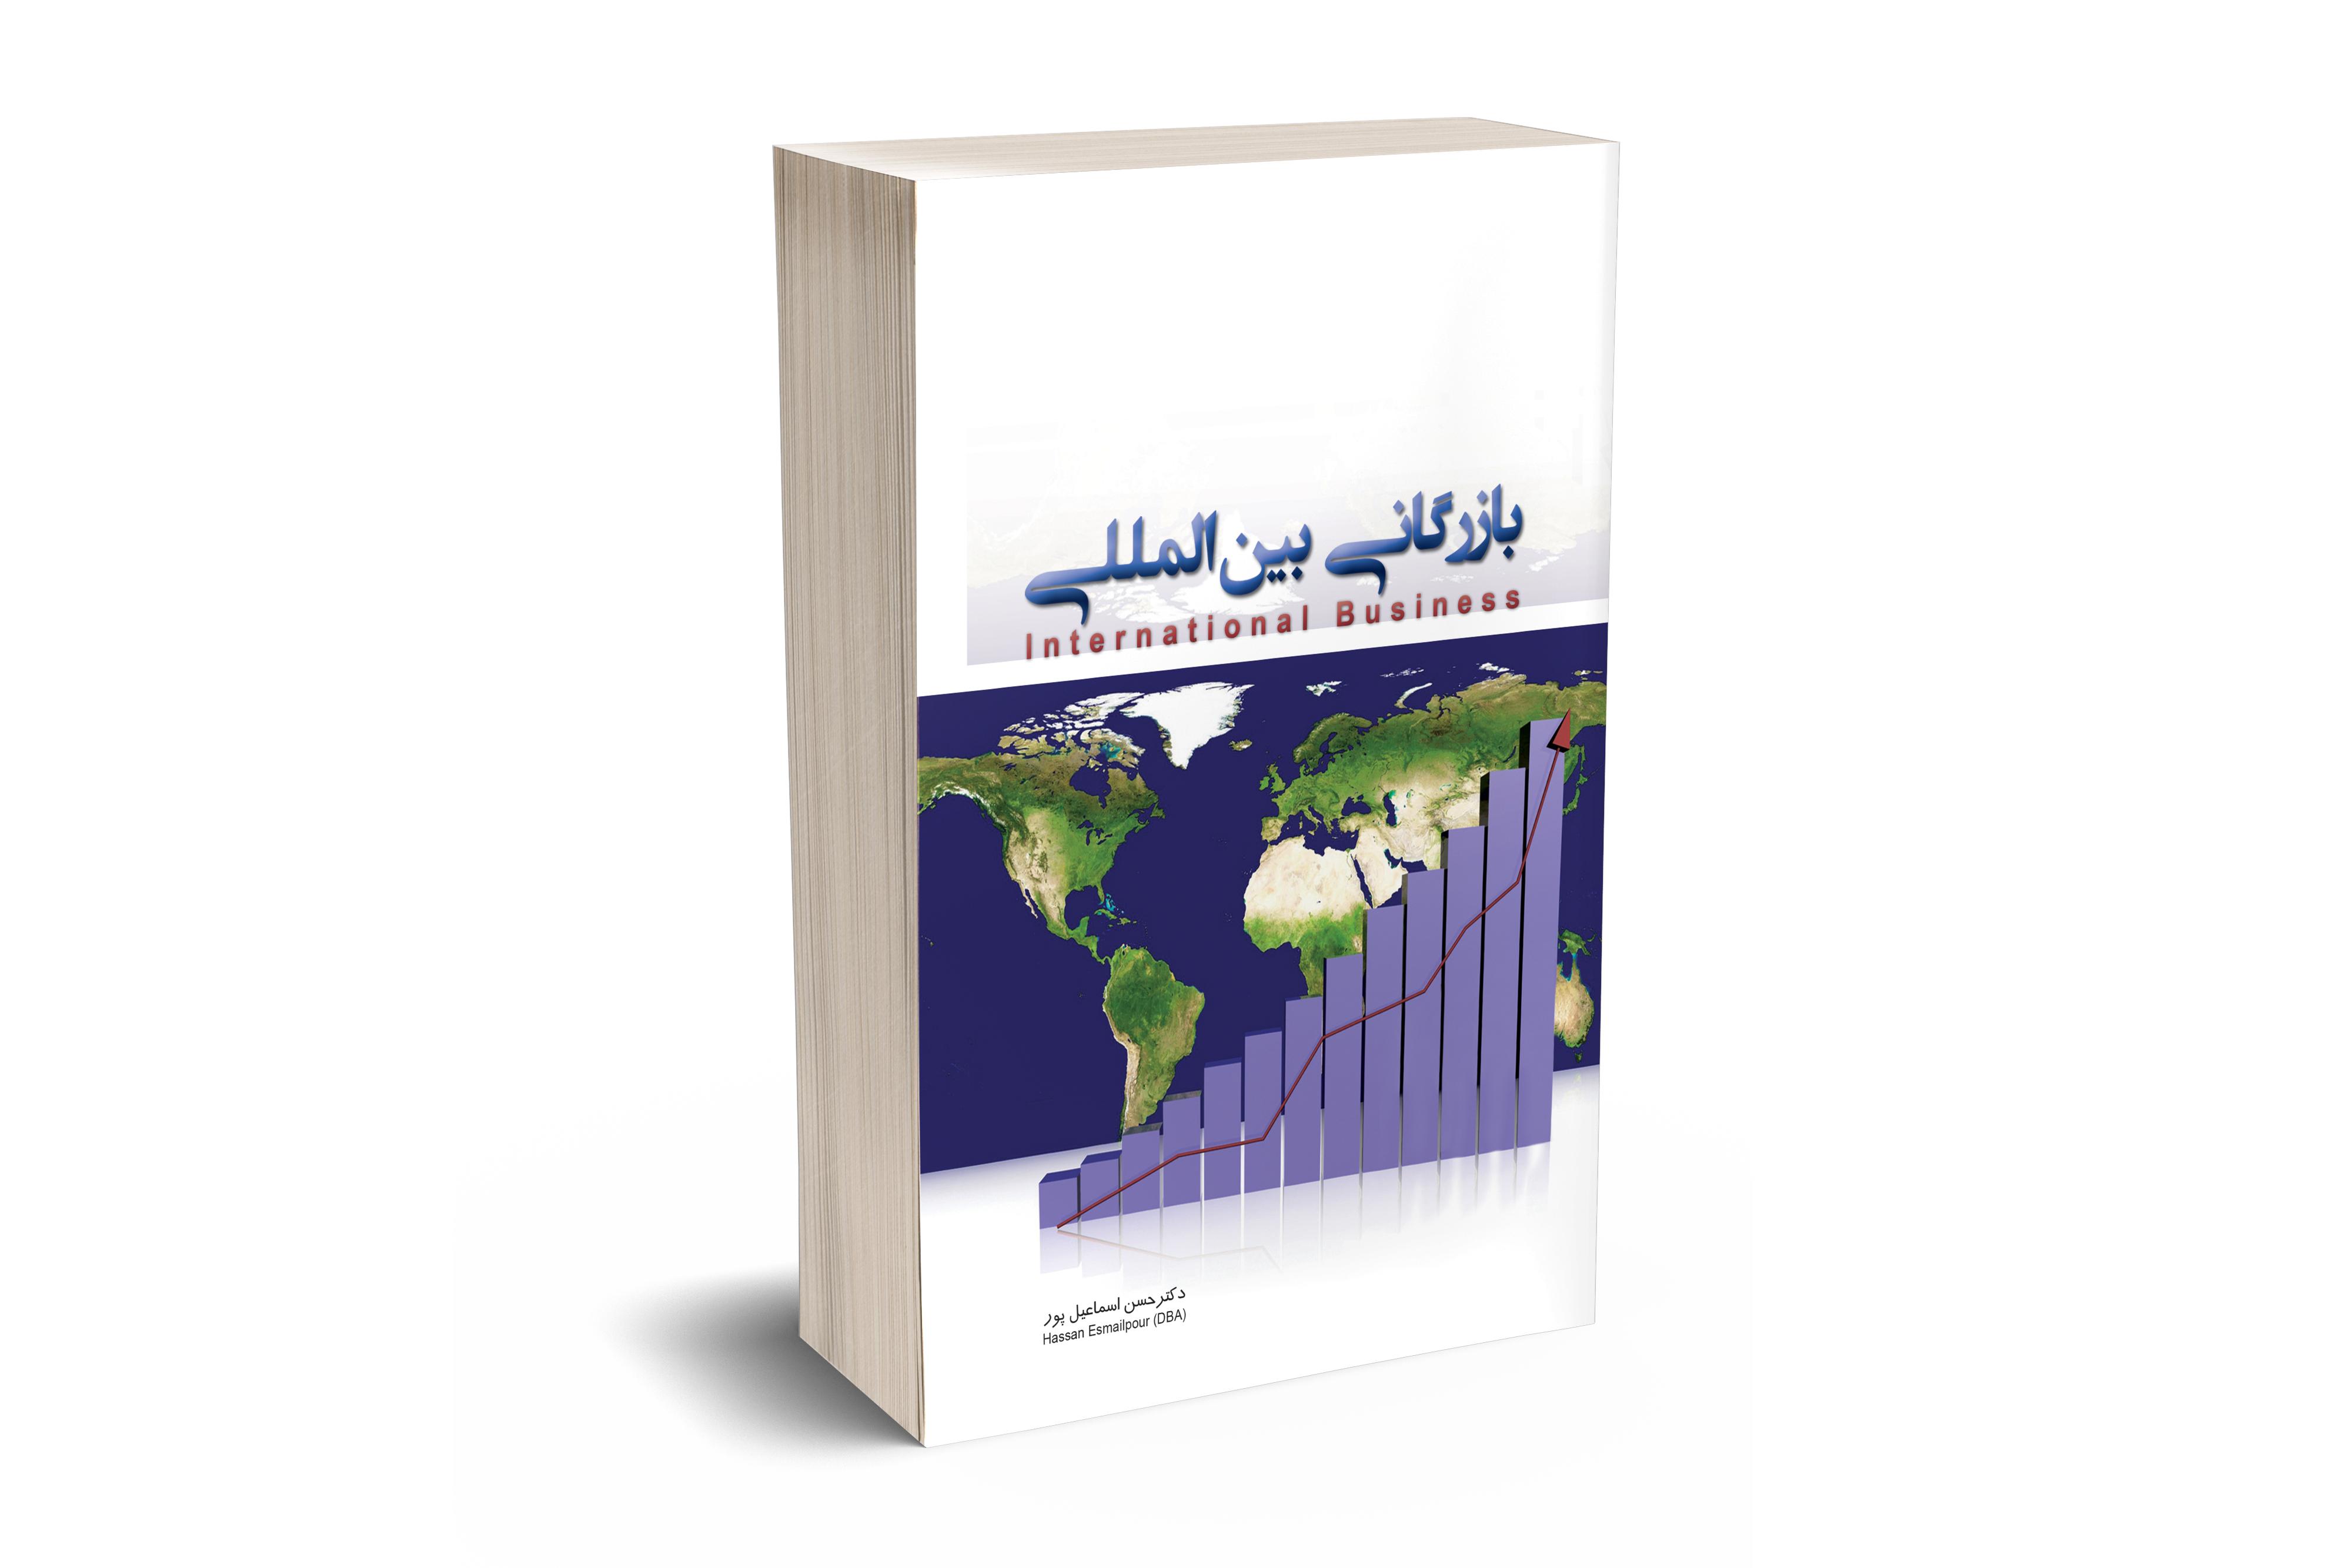 بازرگانی بین الملل